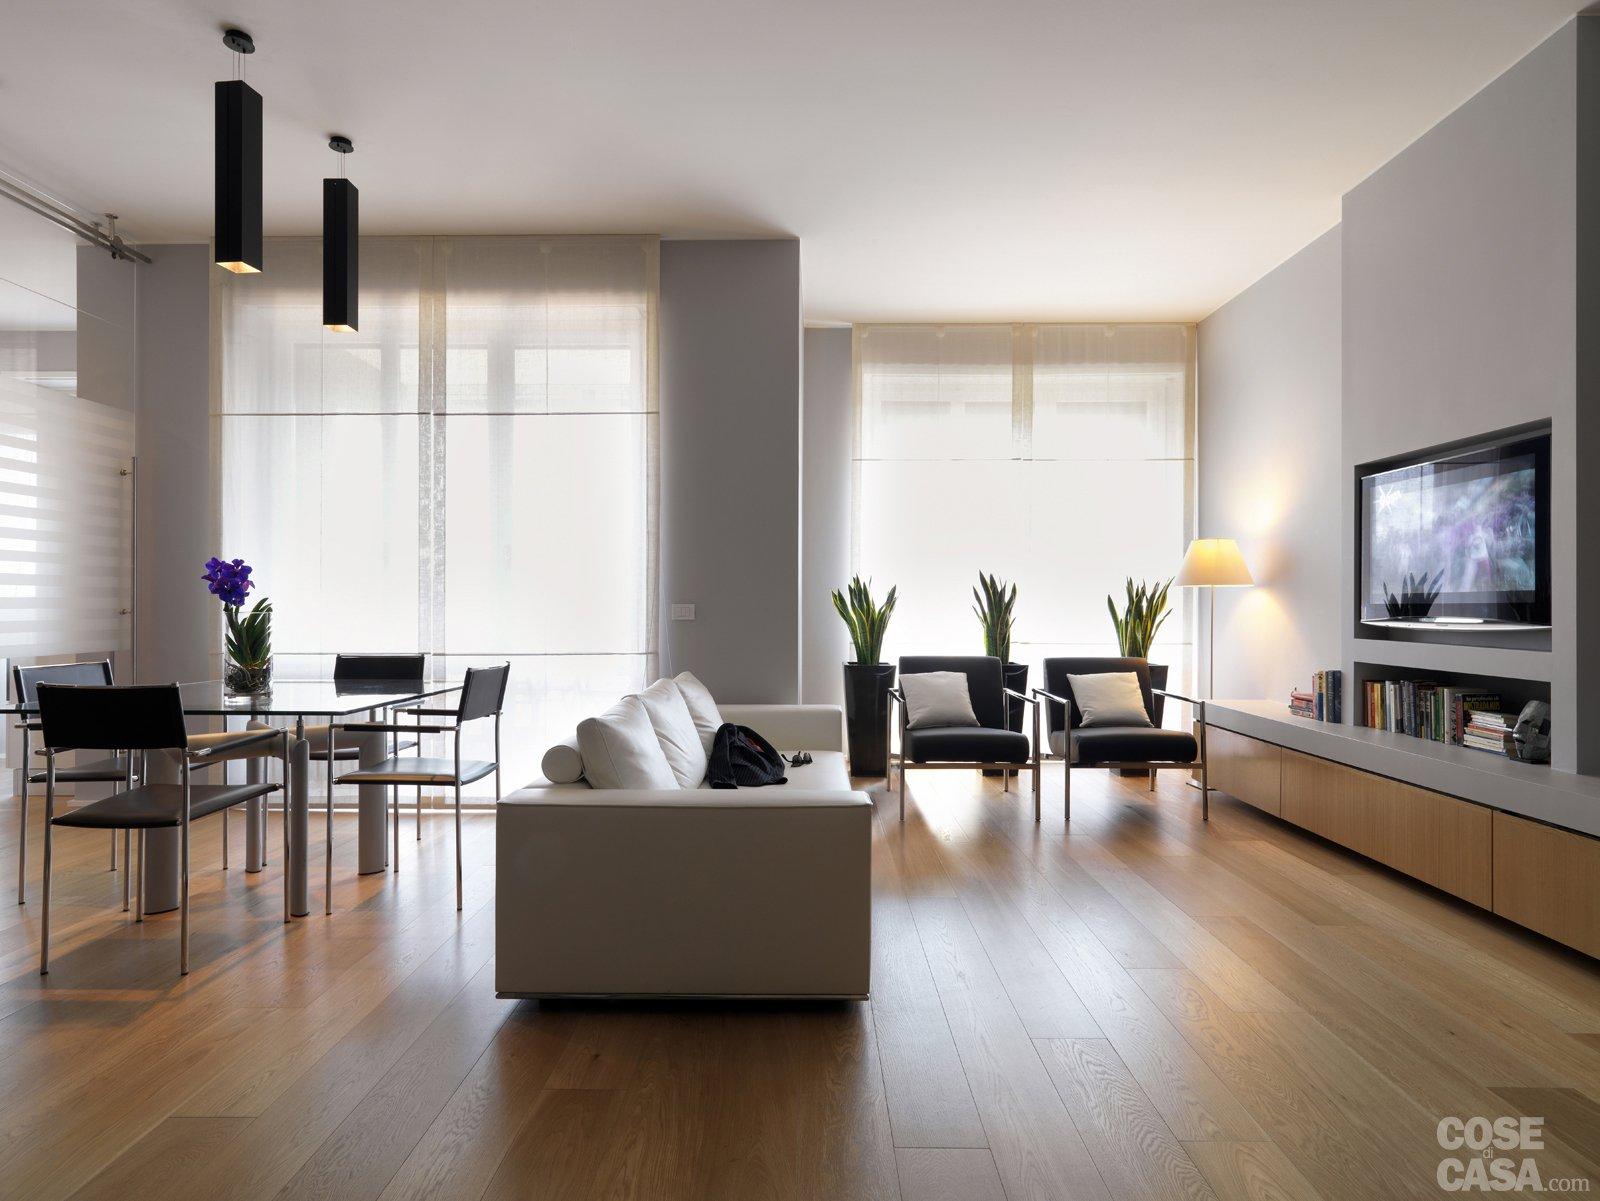 Una casa con una nuova articolata distribuzione cose di casa for Case ristrutturate da architetti foto